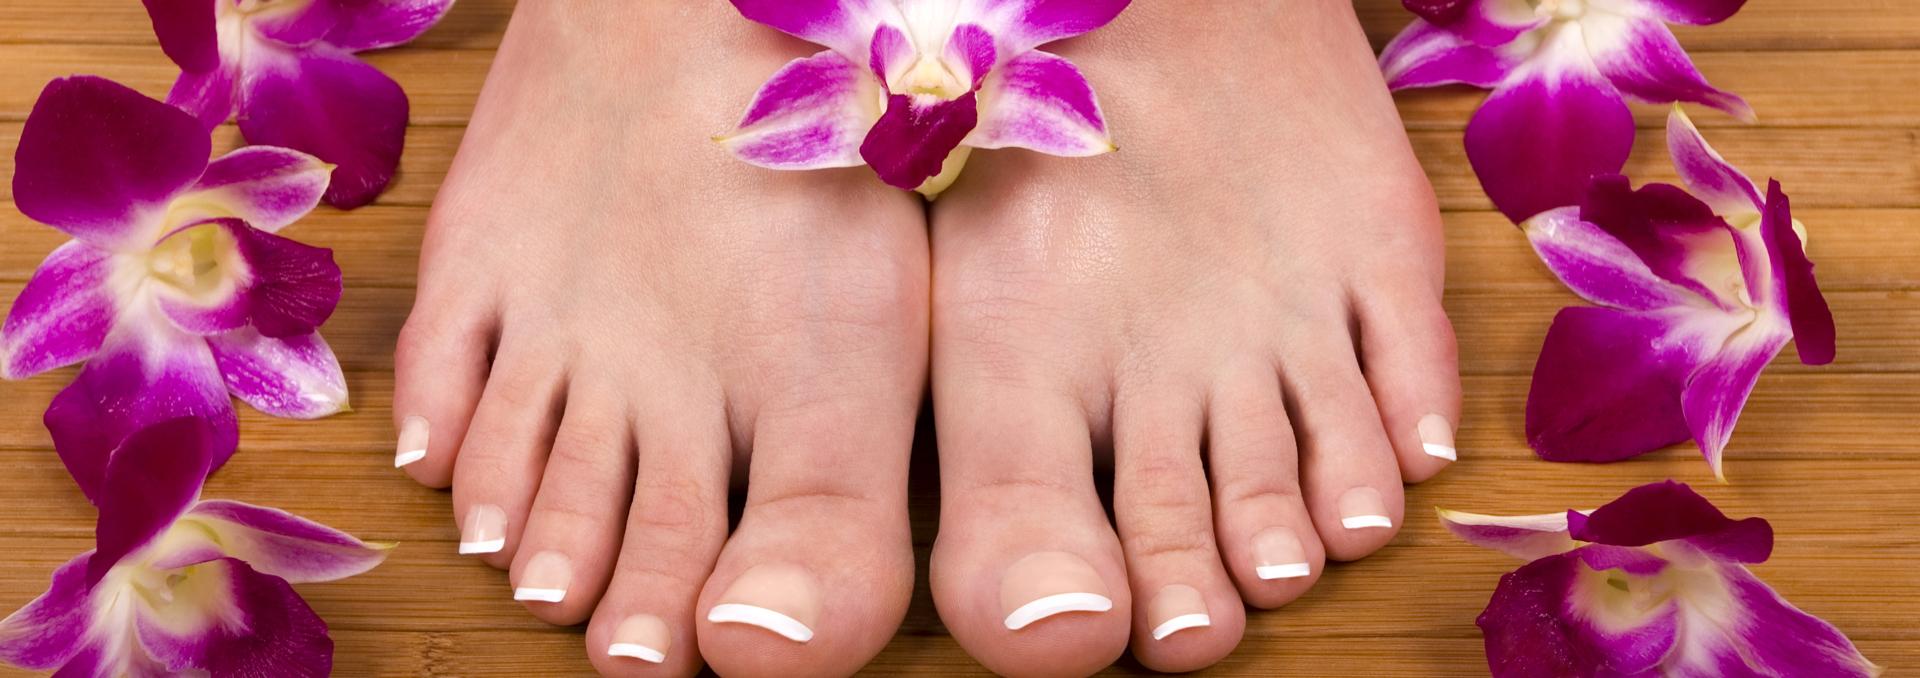 Nail salon Santa Rosa - Nail salon 95401 - Fulton Nails